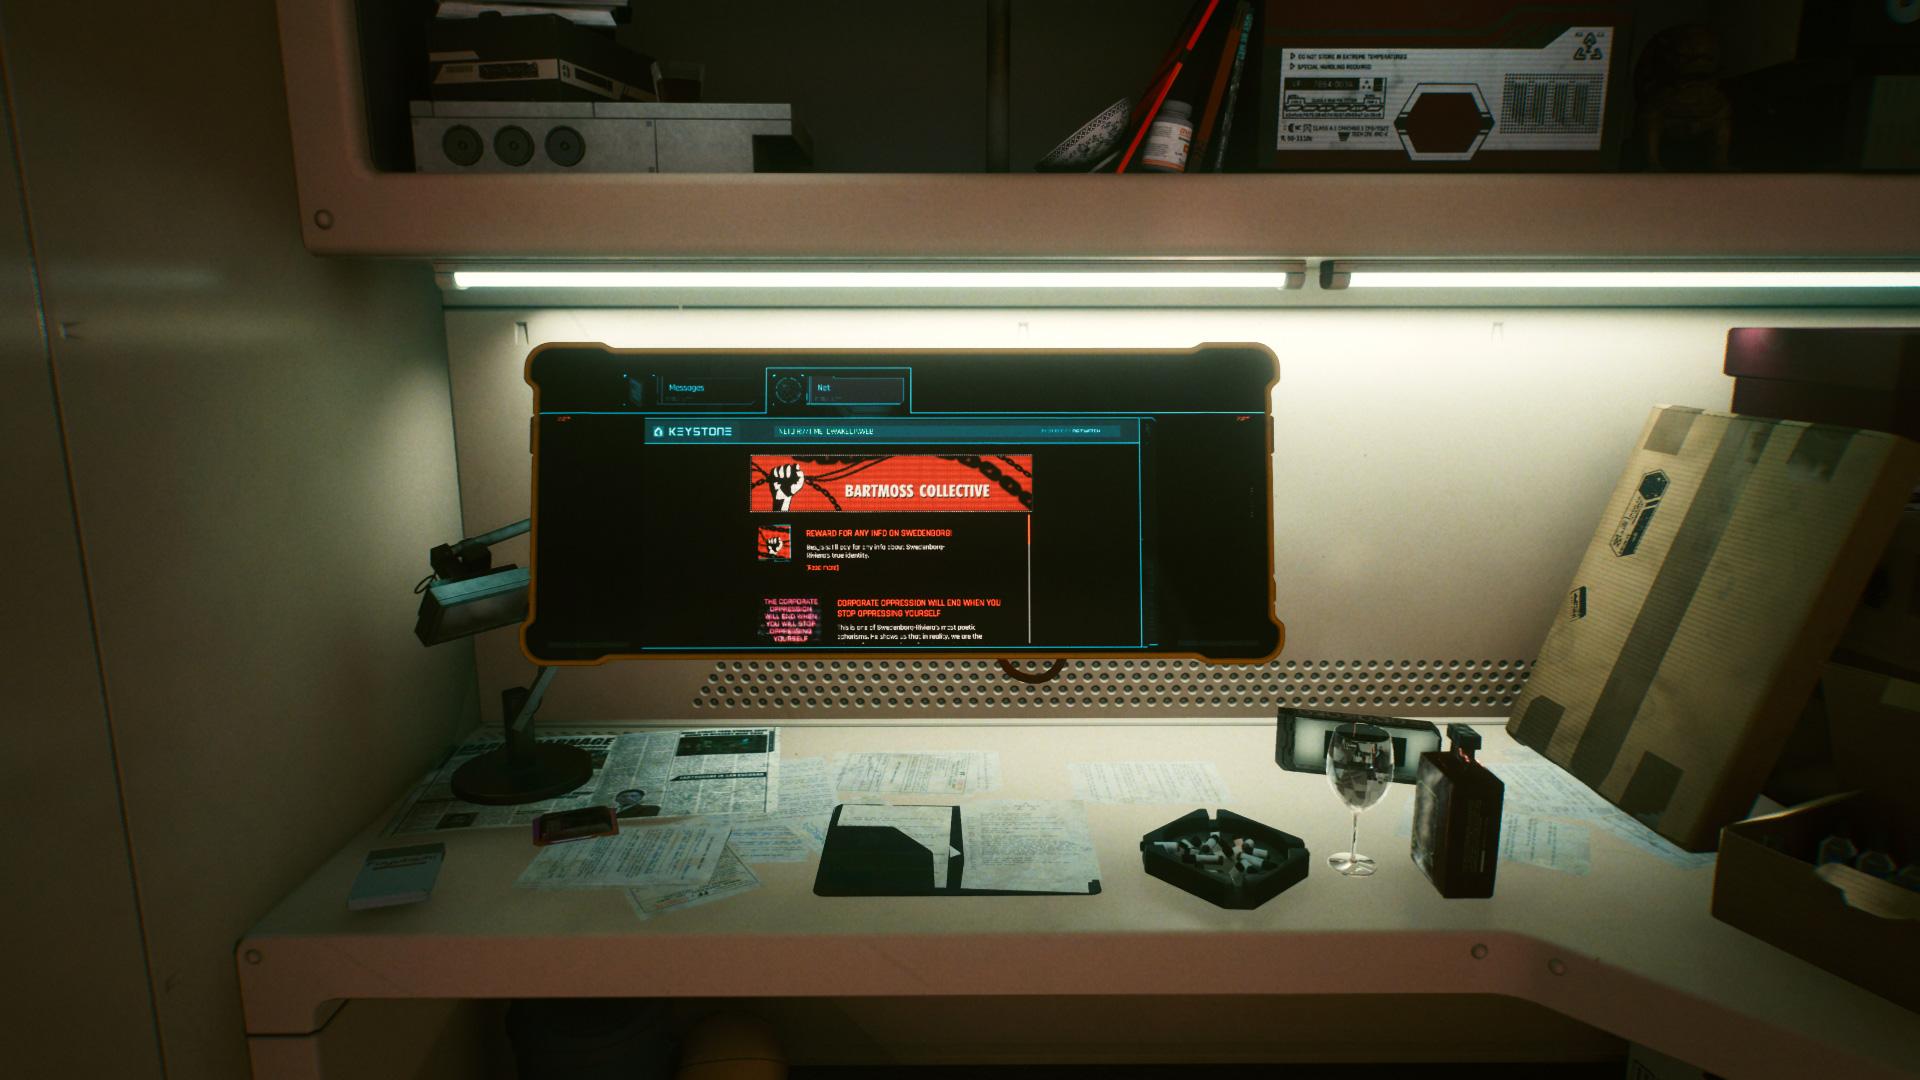 Comment enquêter sur le site à partir du message collectif Bartmoss dans Cyberpunk 2077